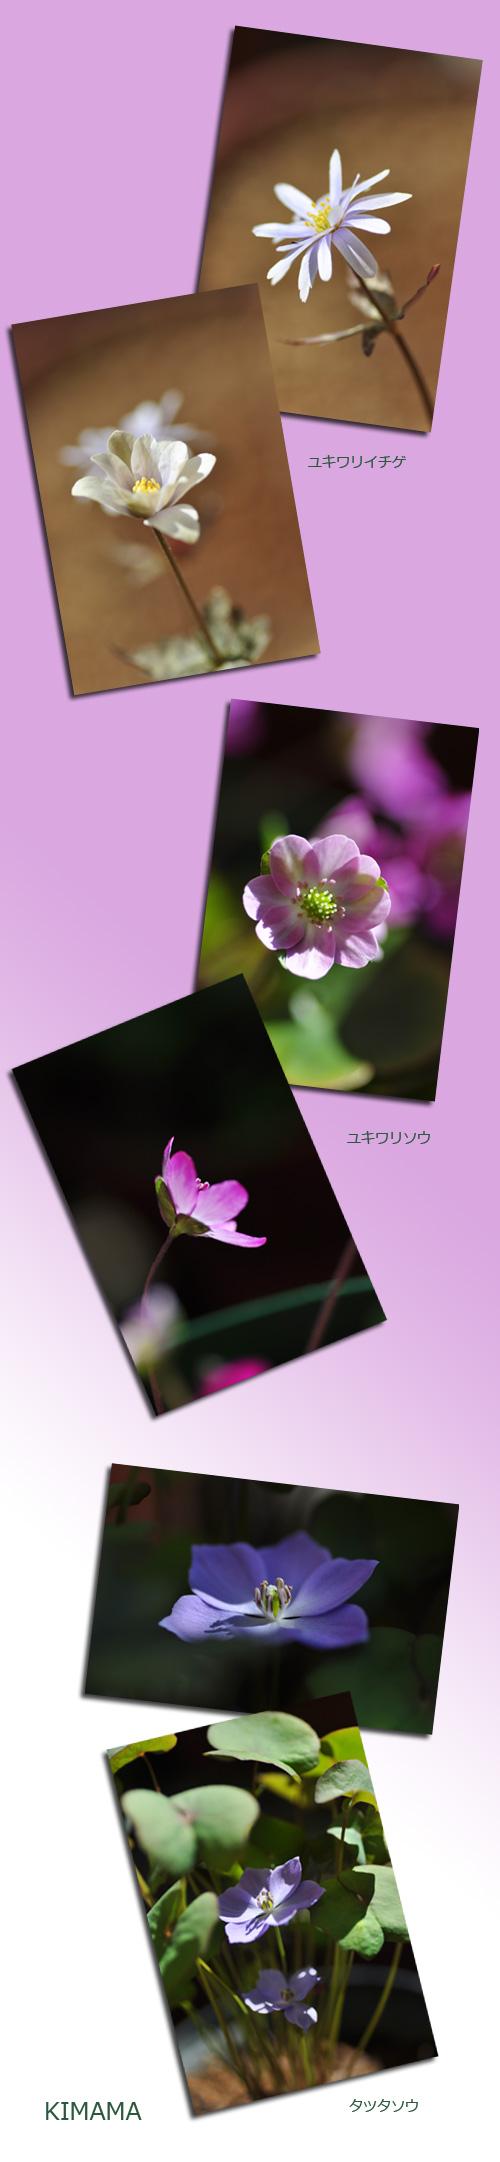 4月3日山野草1